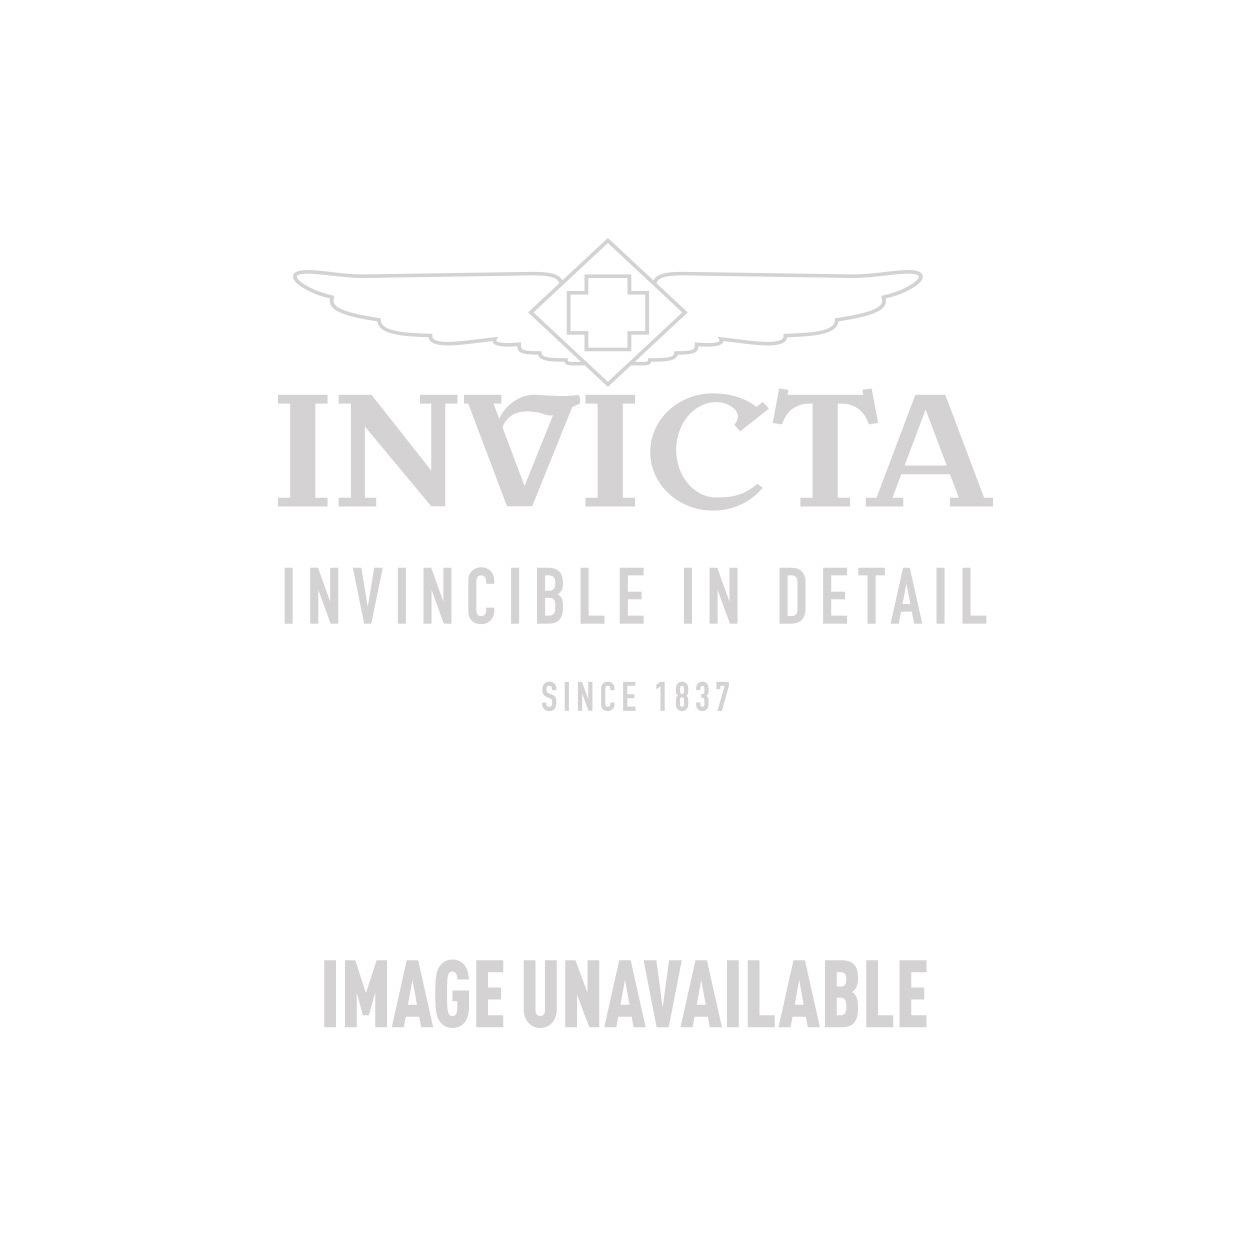 Invicta Model 27369